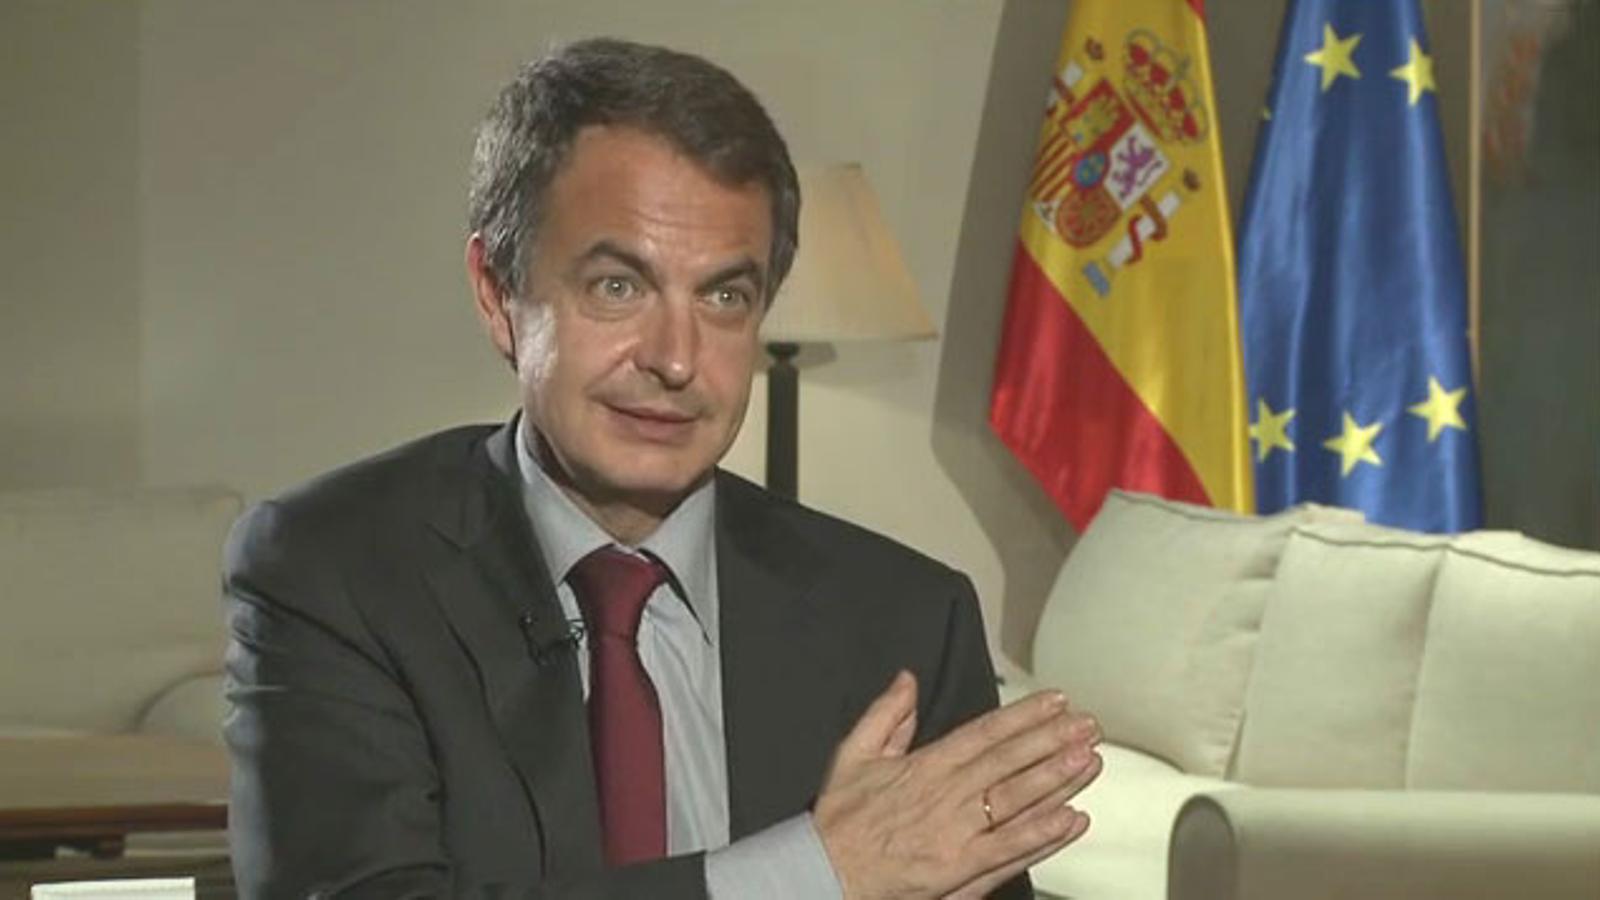 Zapatero diu al món que és urgent que les comunitats autònomes s'estrenyin el cinturó